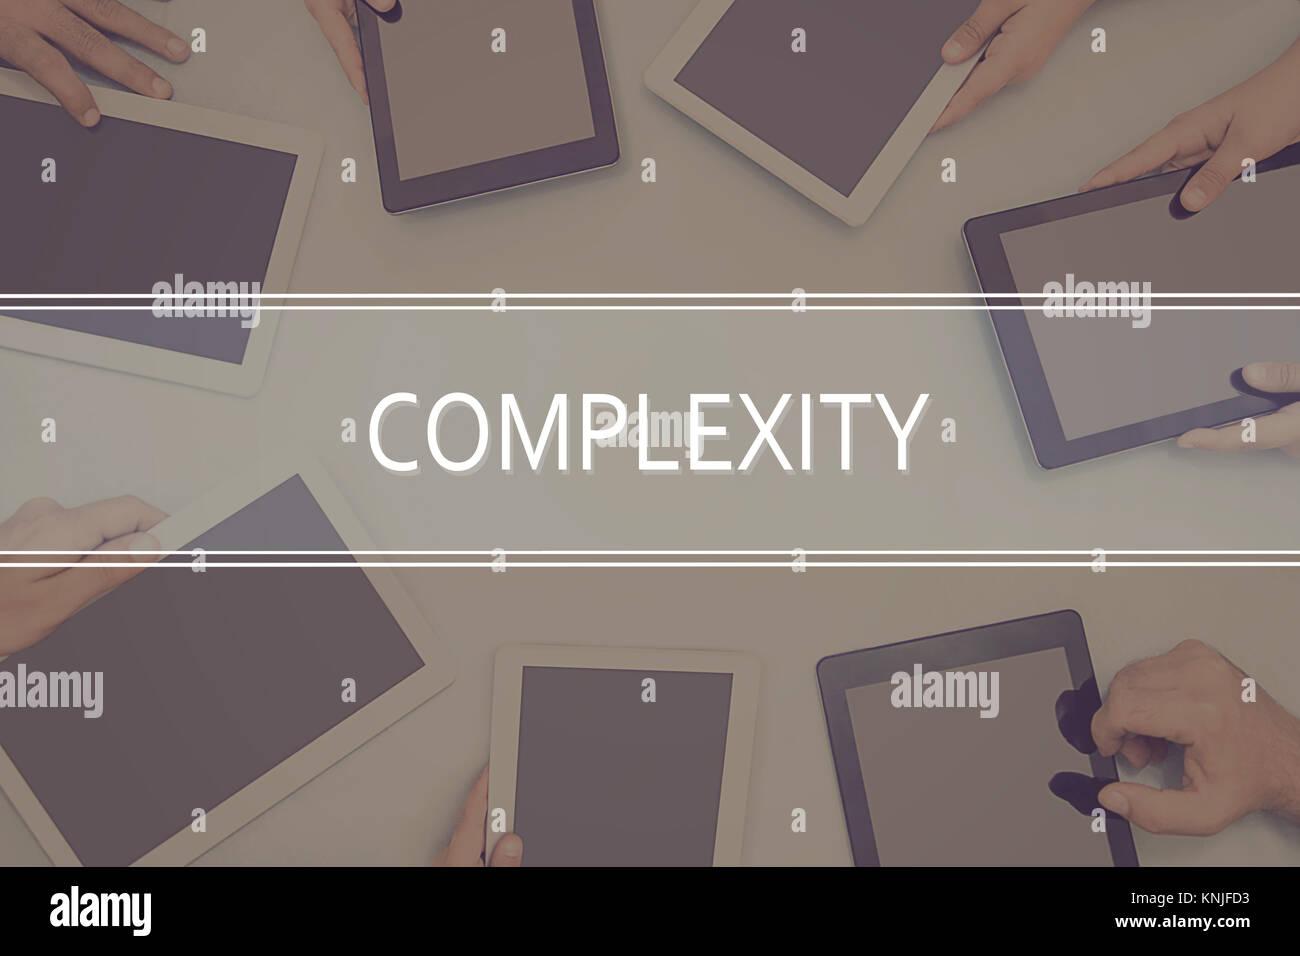 Il concetto di complessità la concezione di business. Immagini Stock